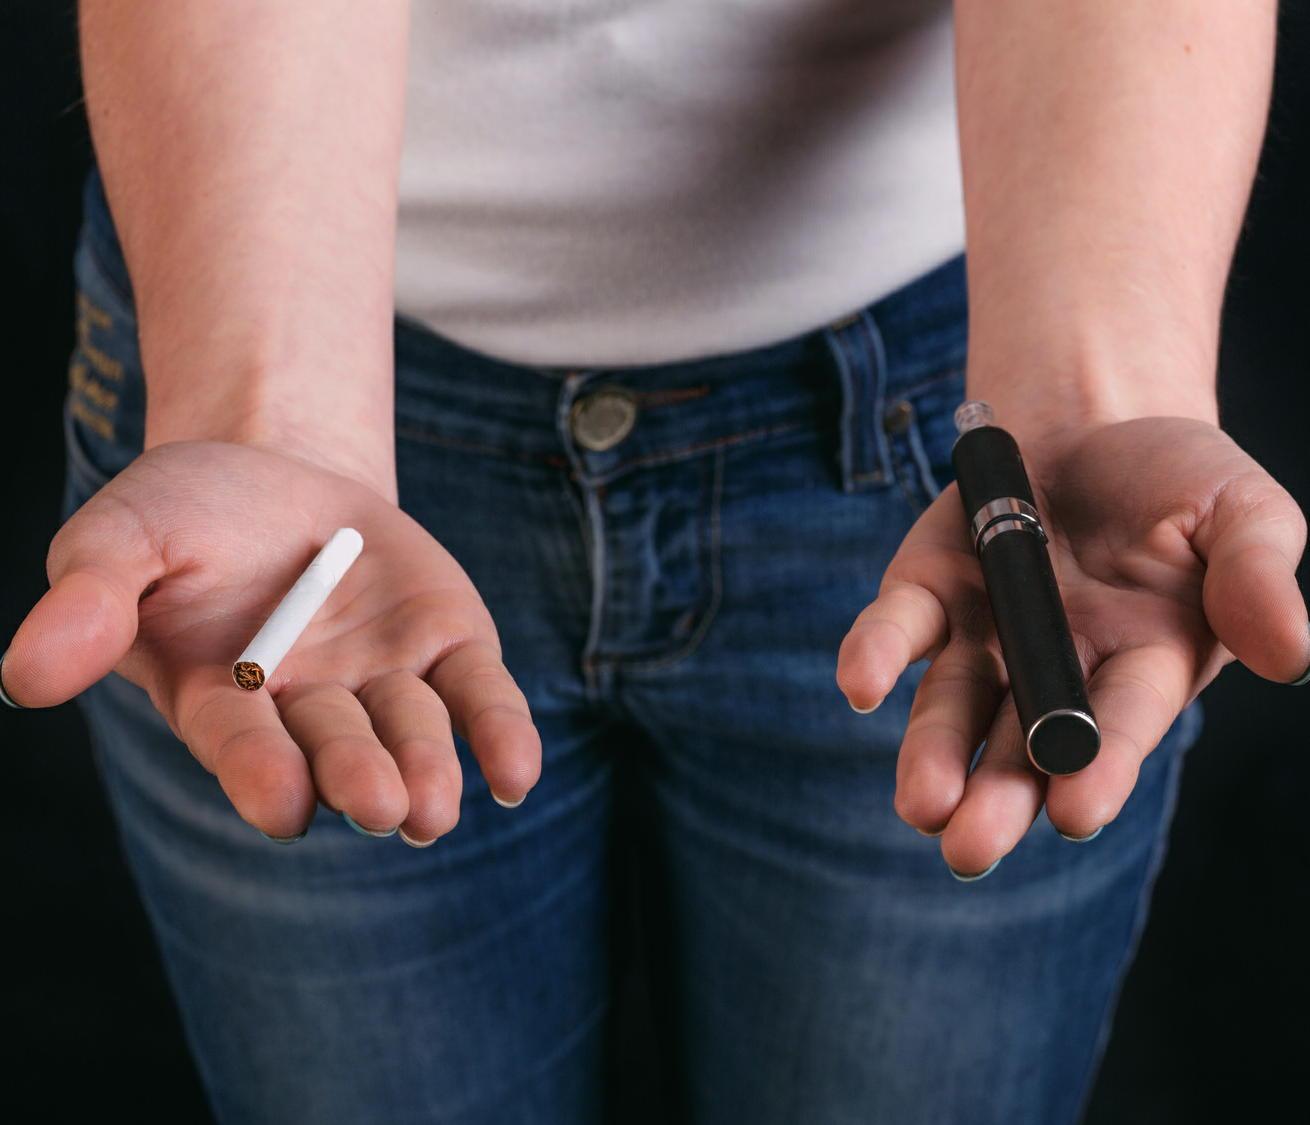 「電子たばこ」は禁煙の成功率を低下させる 禁煙治療を遠ざけるおそれ